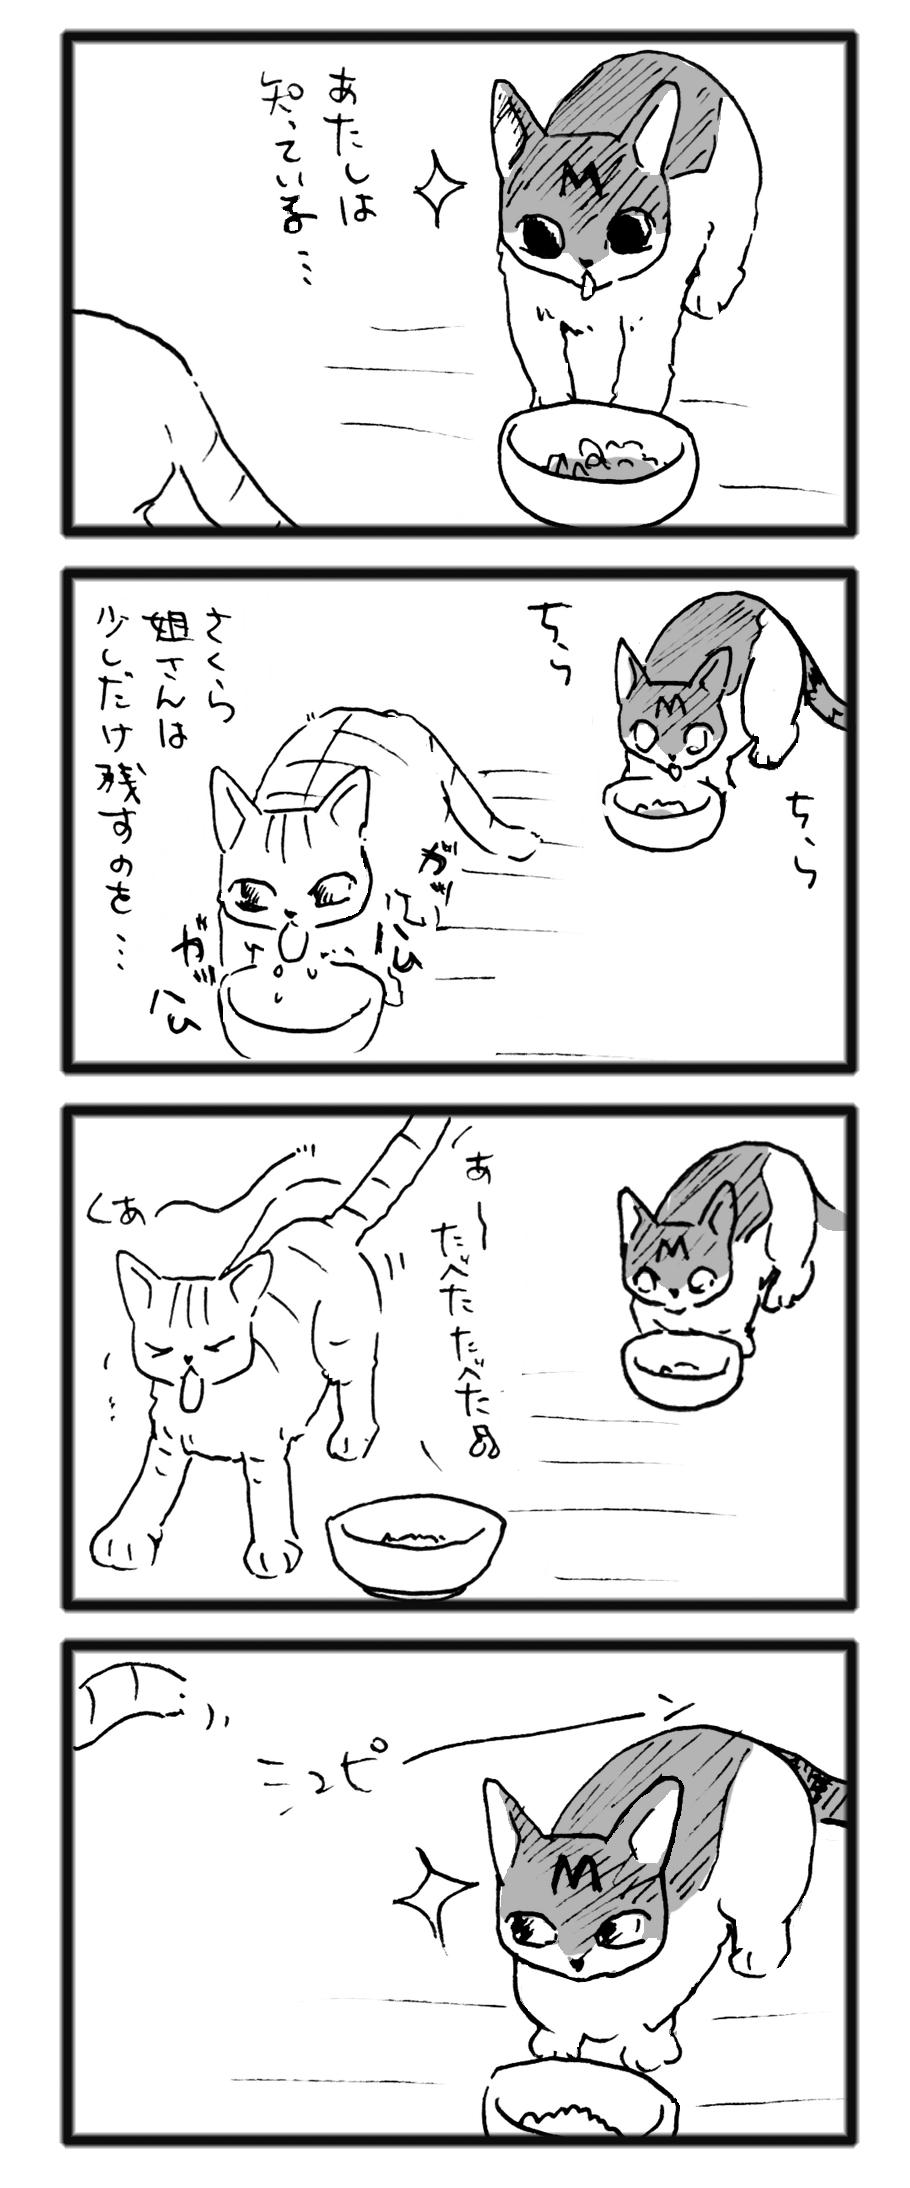 comic_13121701.jpg